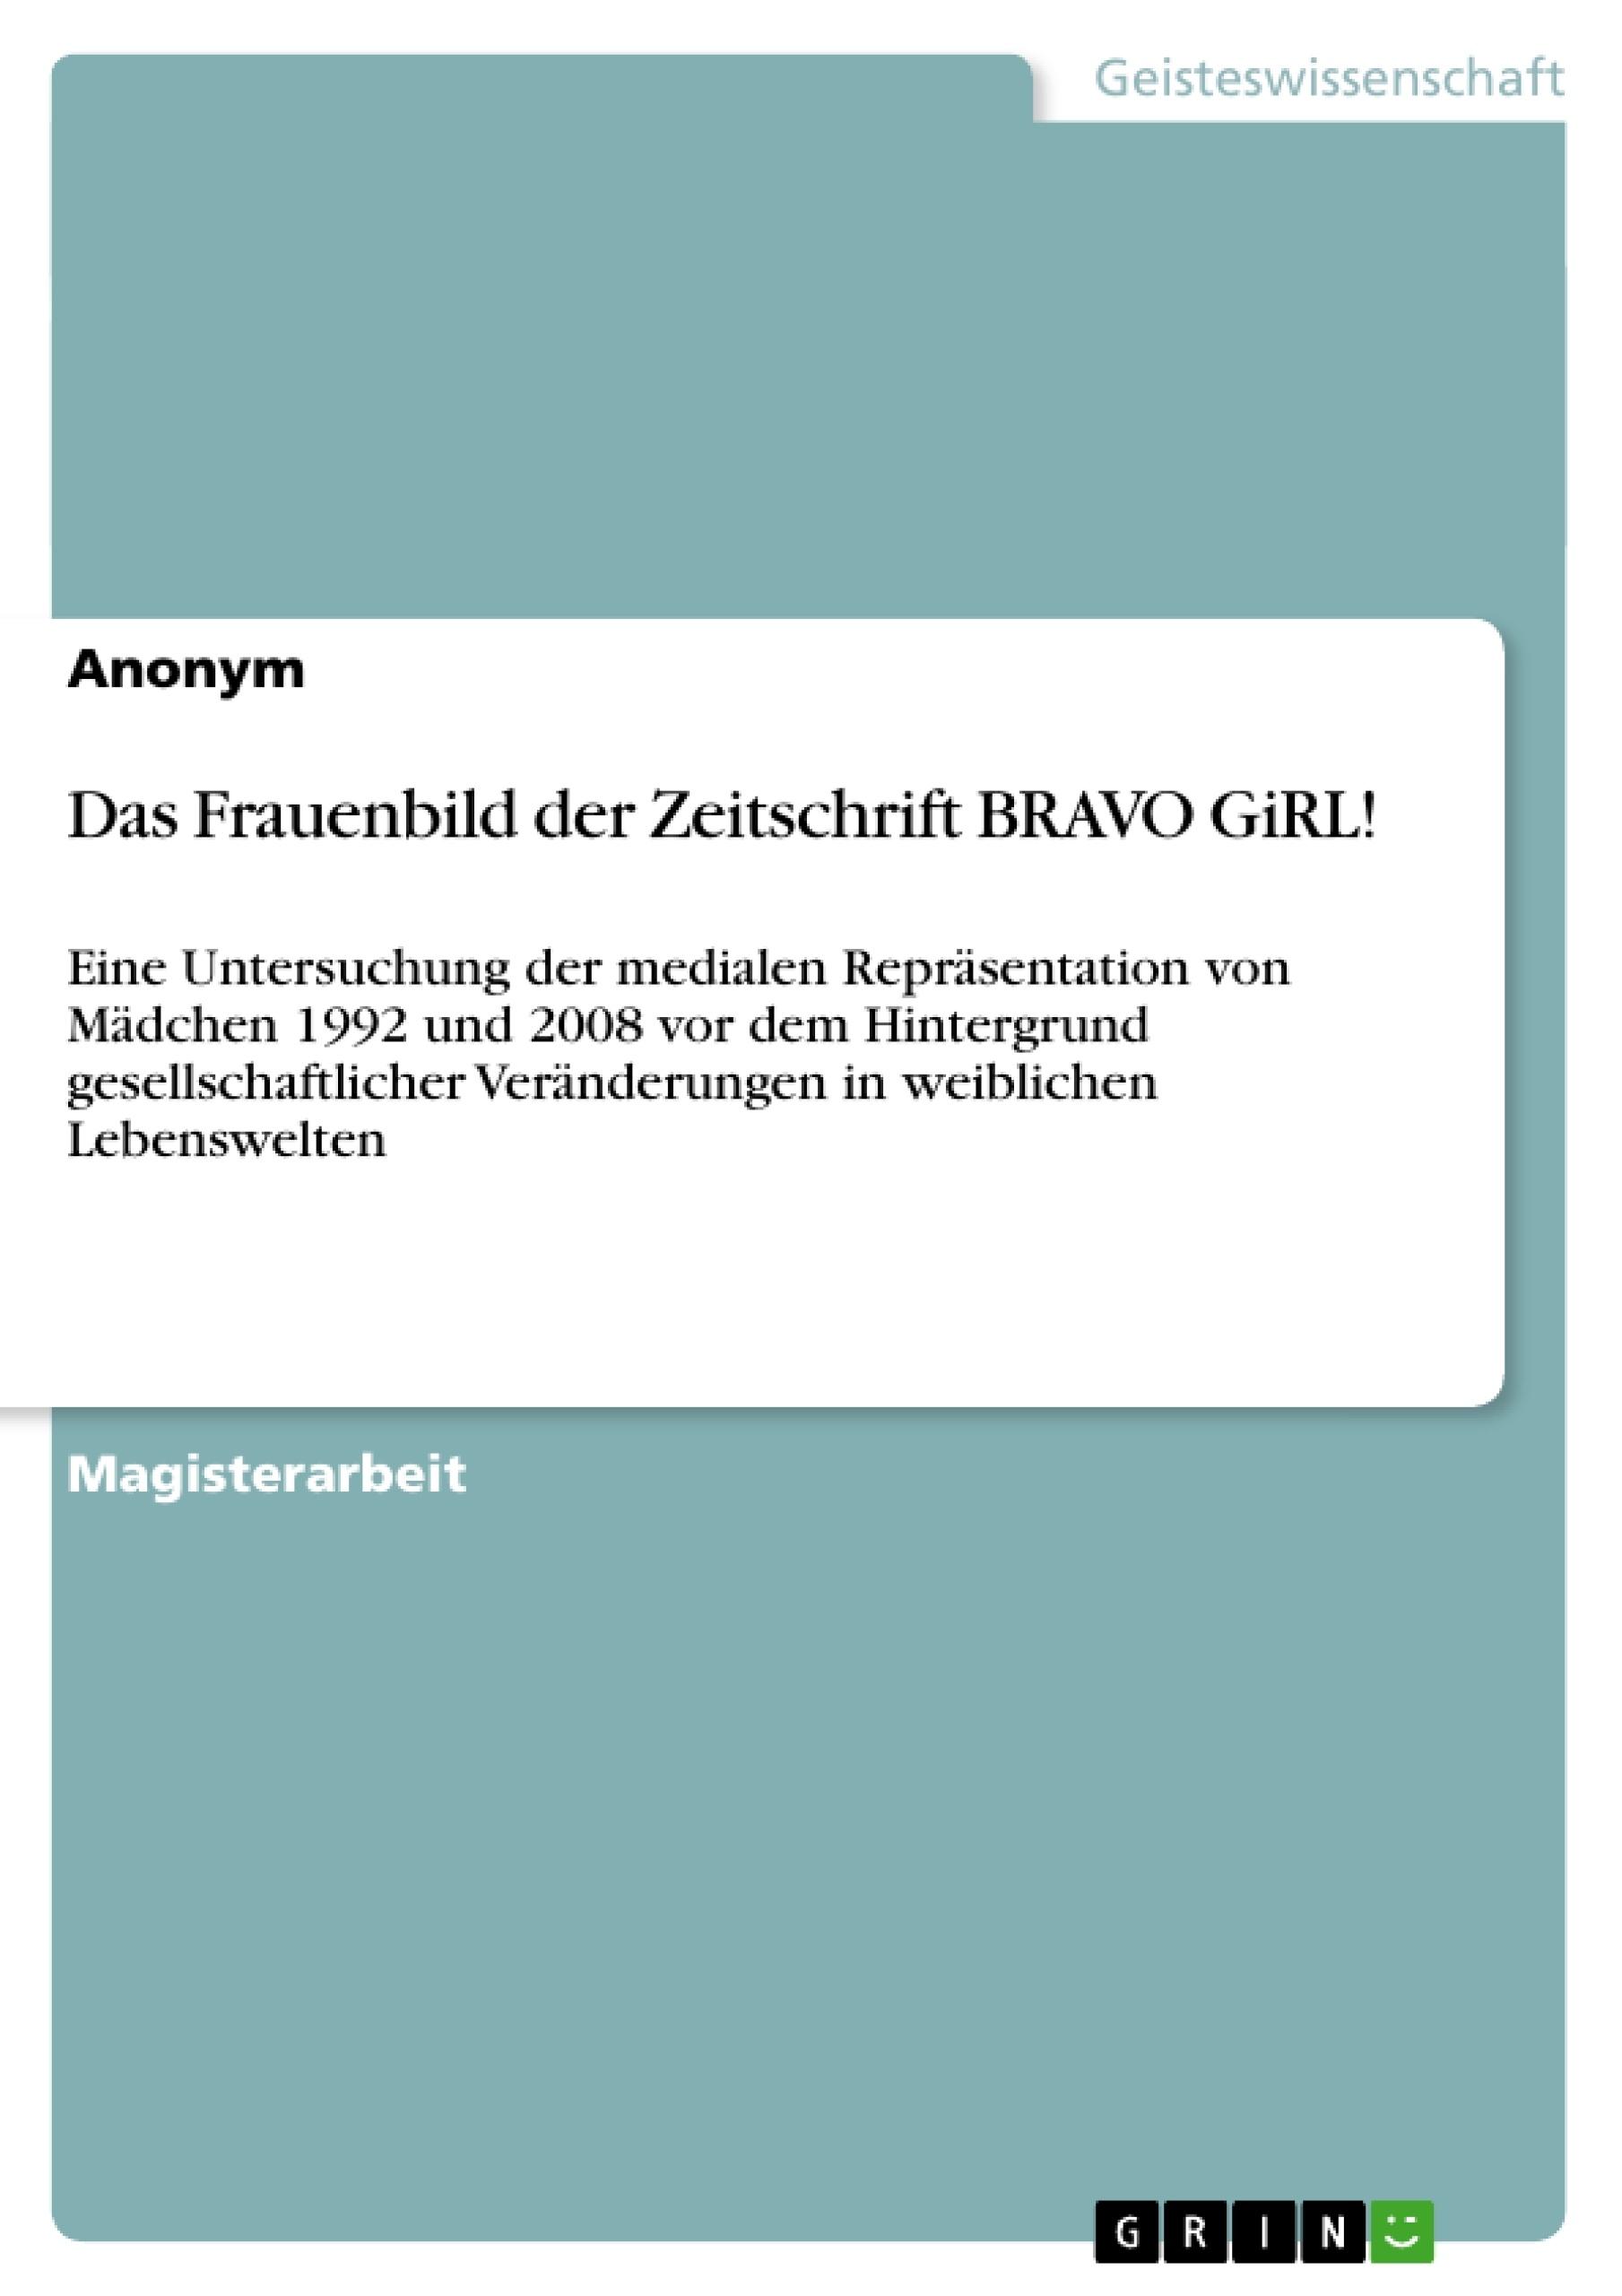 Titel: Das Frauenbild der Zeitschrift BRAVO GiRL!